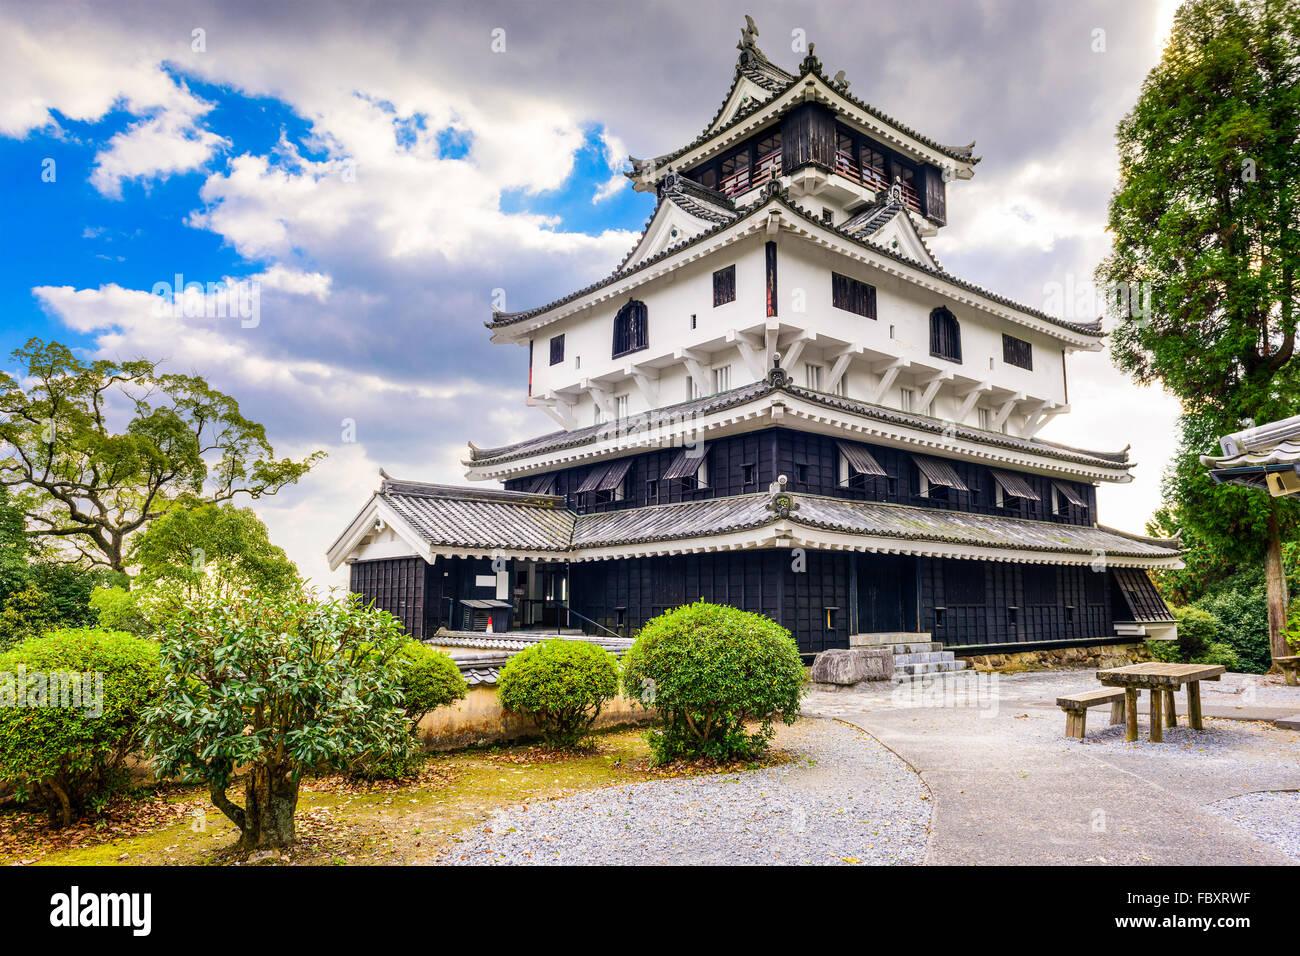 Iwakuni Castle in Yamaguchi, Japan. - Stock Image